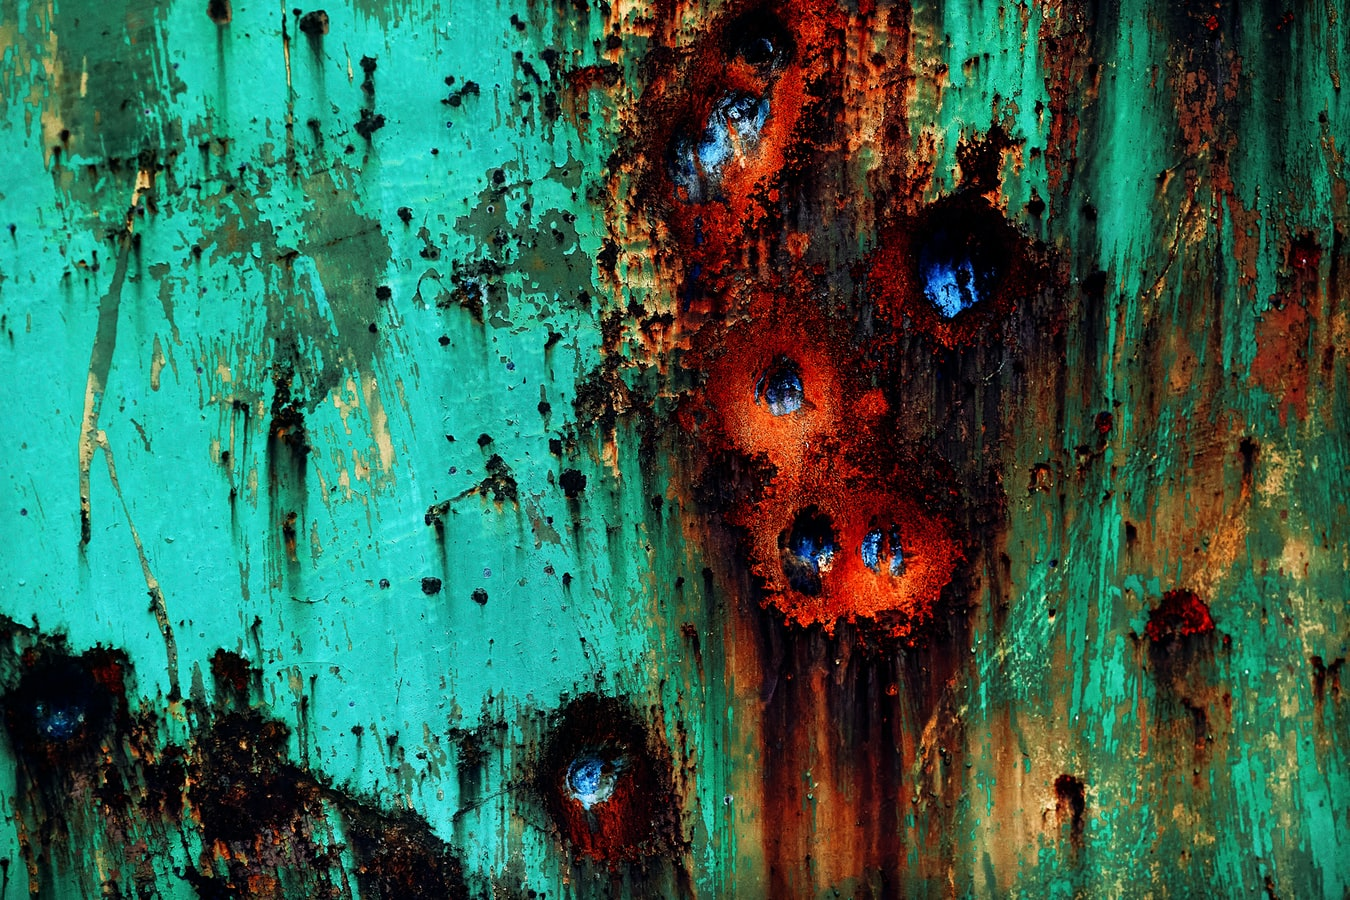 Текстура с ржавой металлической дверью зелёно-голубого цвета и вмятинами от выстрелов, Unsplash.